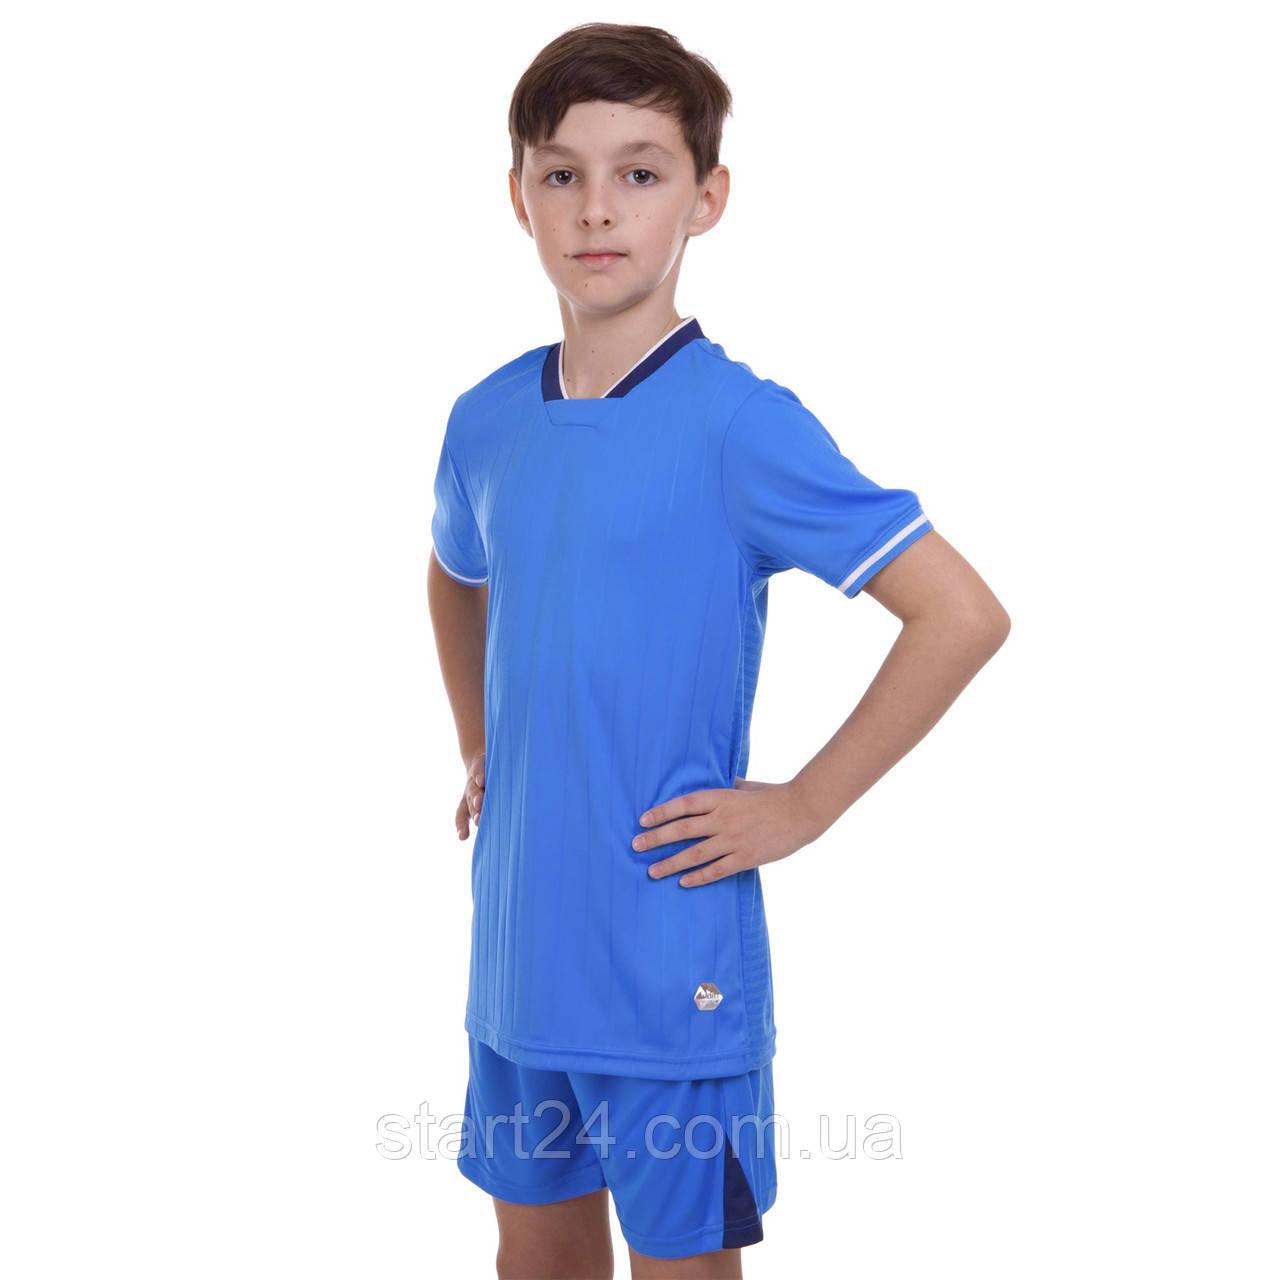 Форма футбольна підліткова SP Sport CO-1905B (PL, р-р 24-30, 120-150см, кольори в асортименті)